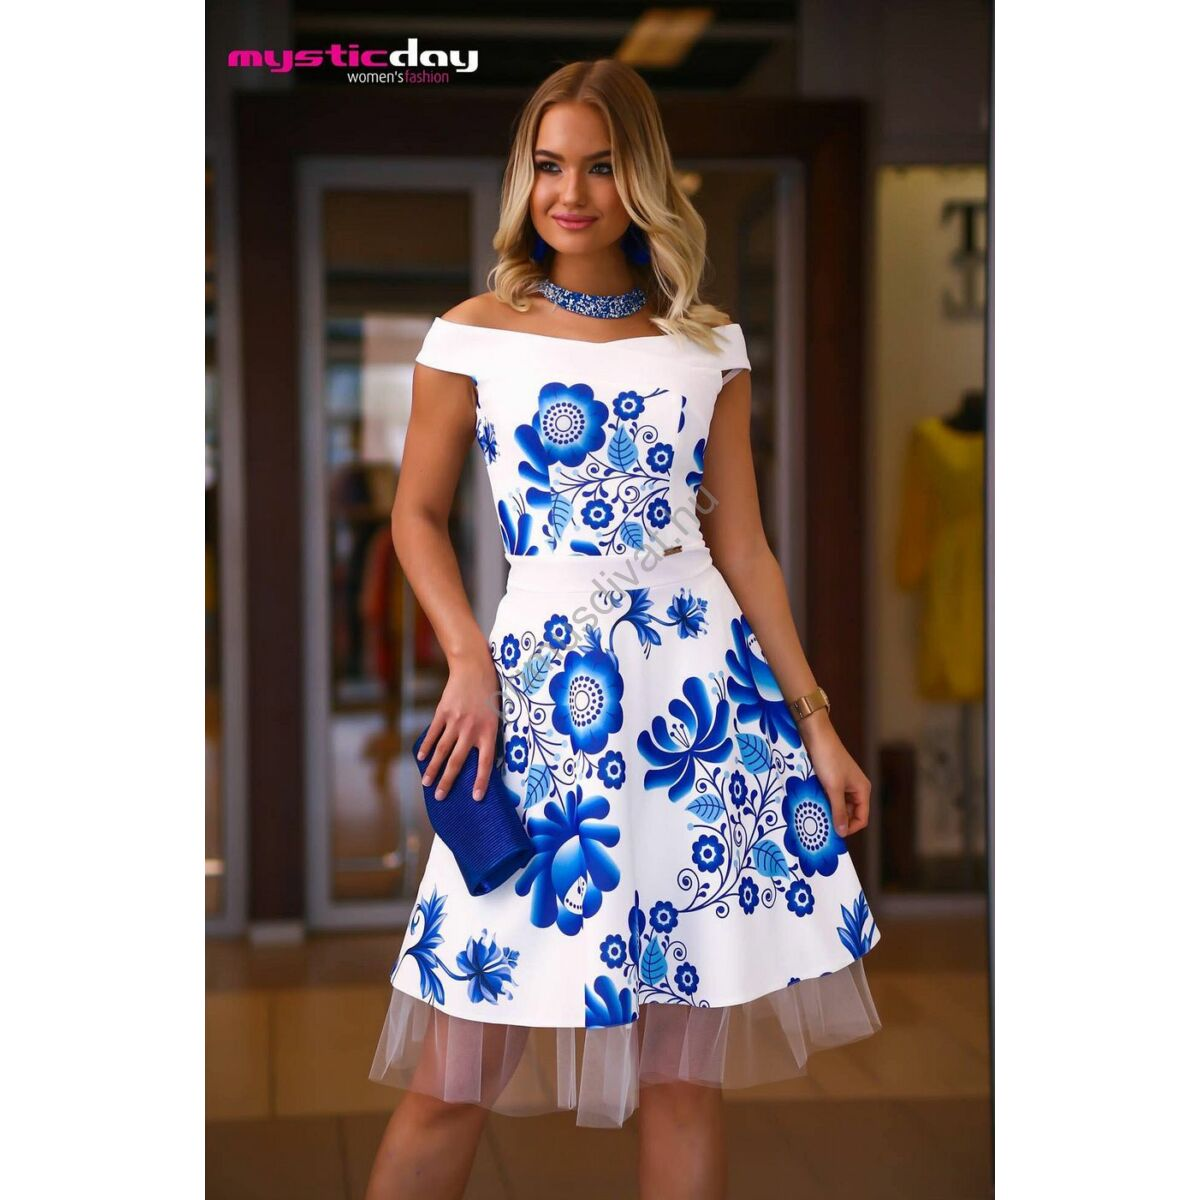 54595d8fcd Kép 1/1 - Mystic Day vállra szabott loknis kék virágmintás fehér Médi ruha,  kivehető, gumis derekú tüll szegélyes szatén alsószoknyával